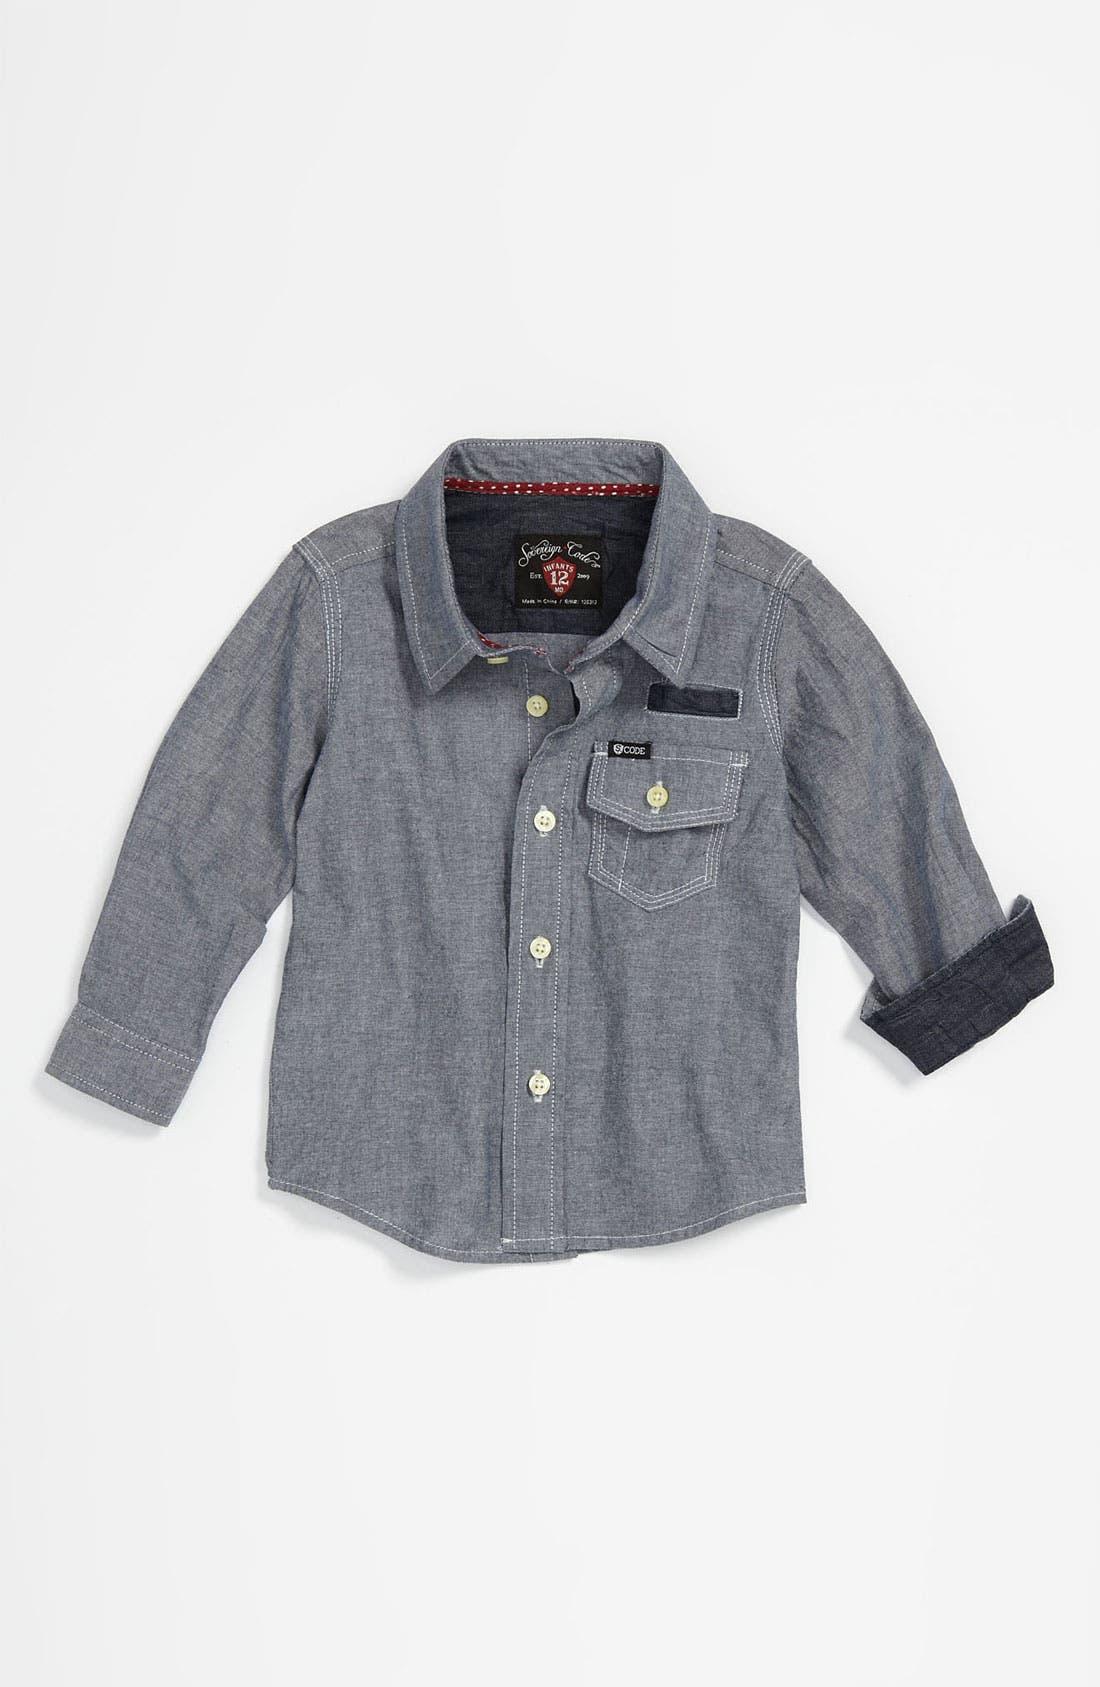 Main Image - Sovereign Code 'Paris' Chambray Shirt (Infant)